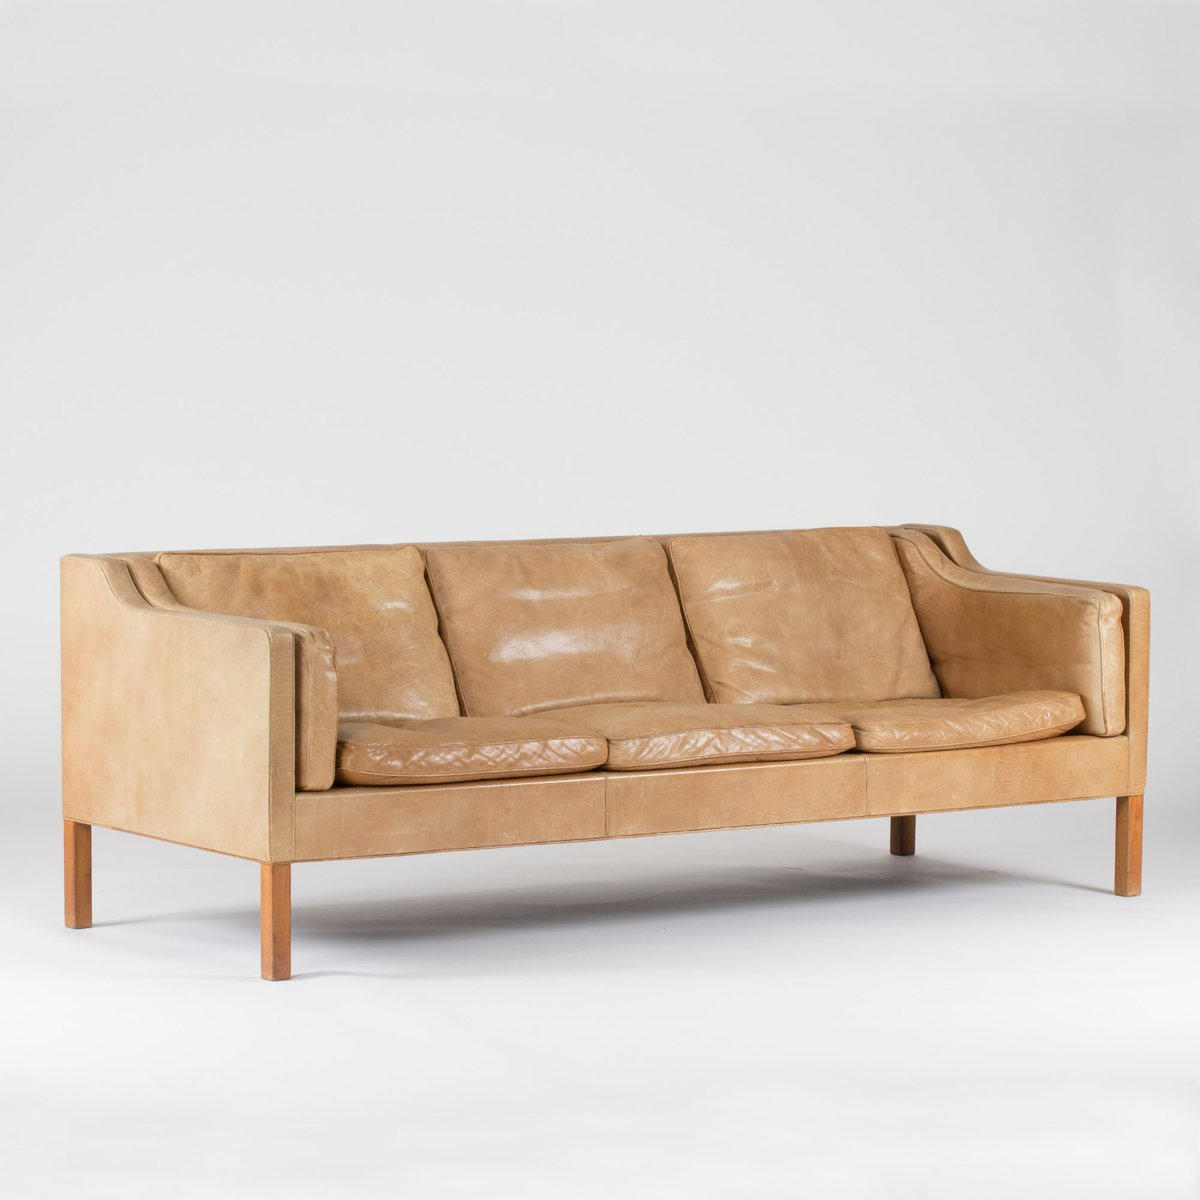 canap en cuir caramel par b rge mogensen pour fredericia 1960s en vente sur pamono. Black Bedroom Furniture Sets. Home Design Ideas